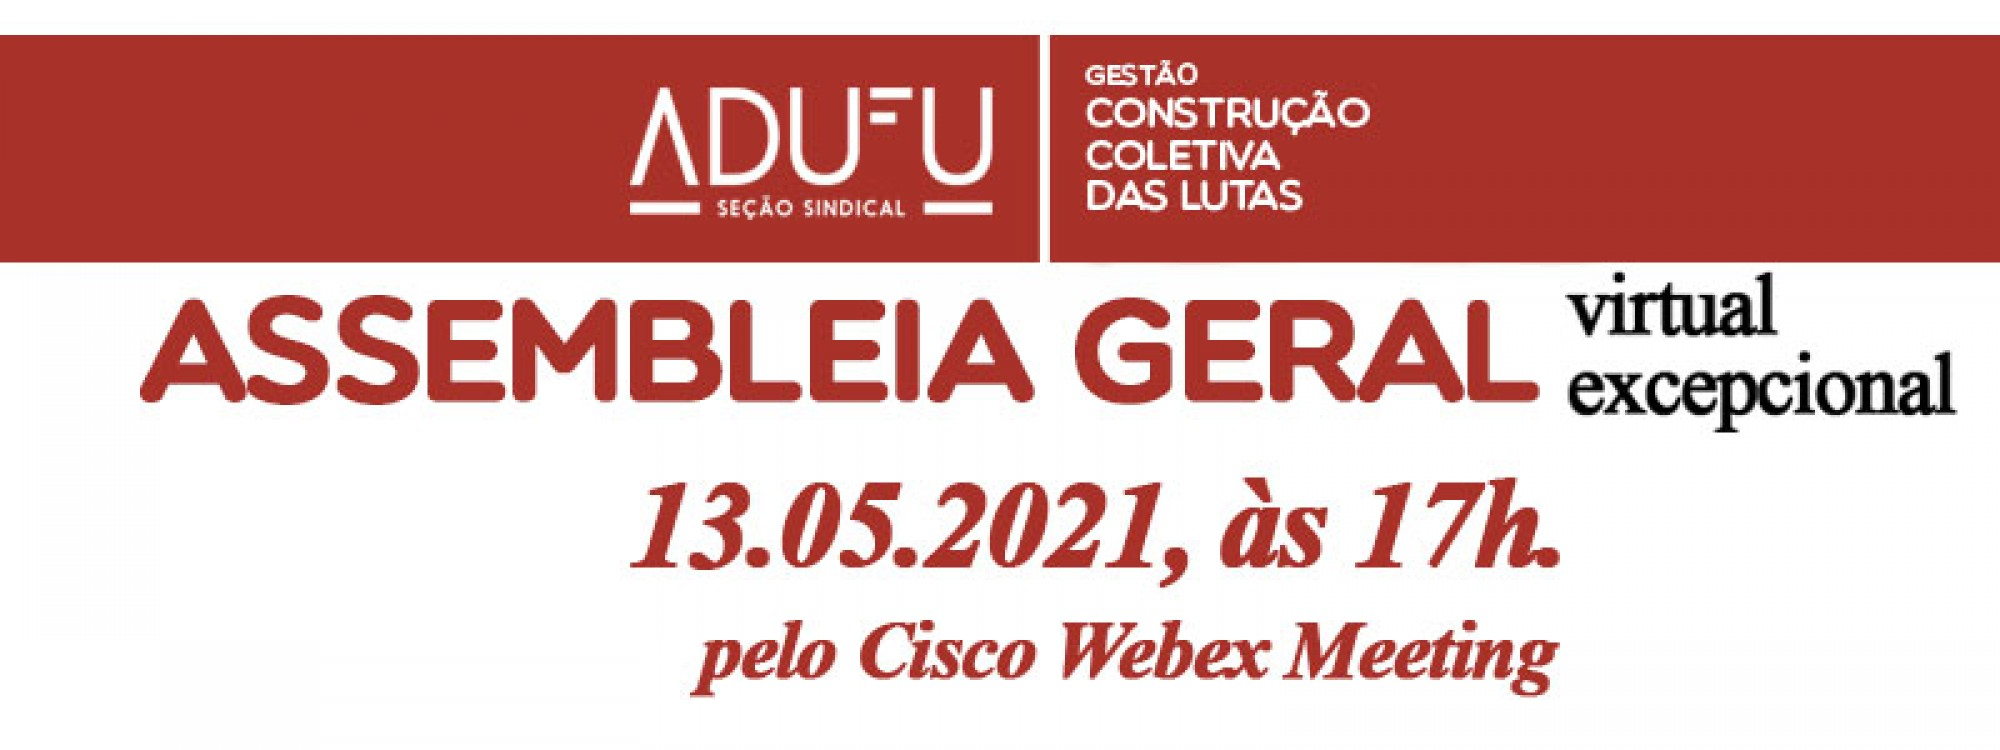 Assembleia Geral da ADUFU será realizada no dia 13 de maio